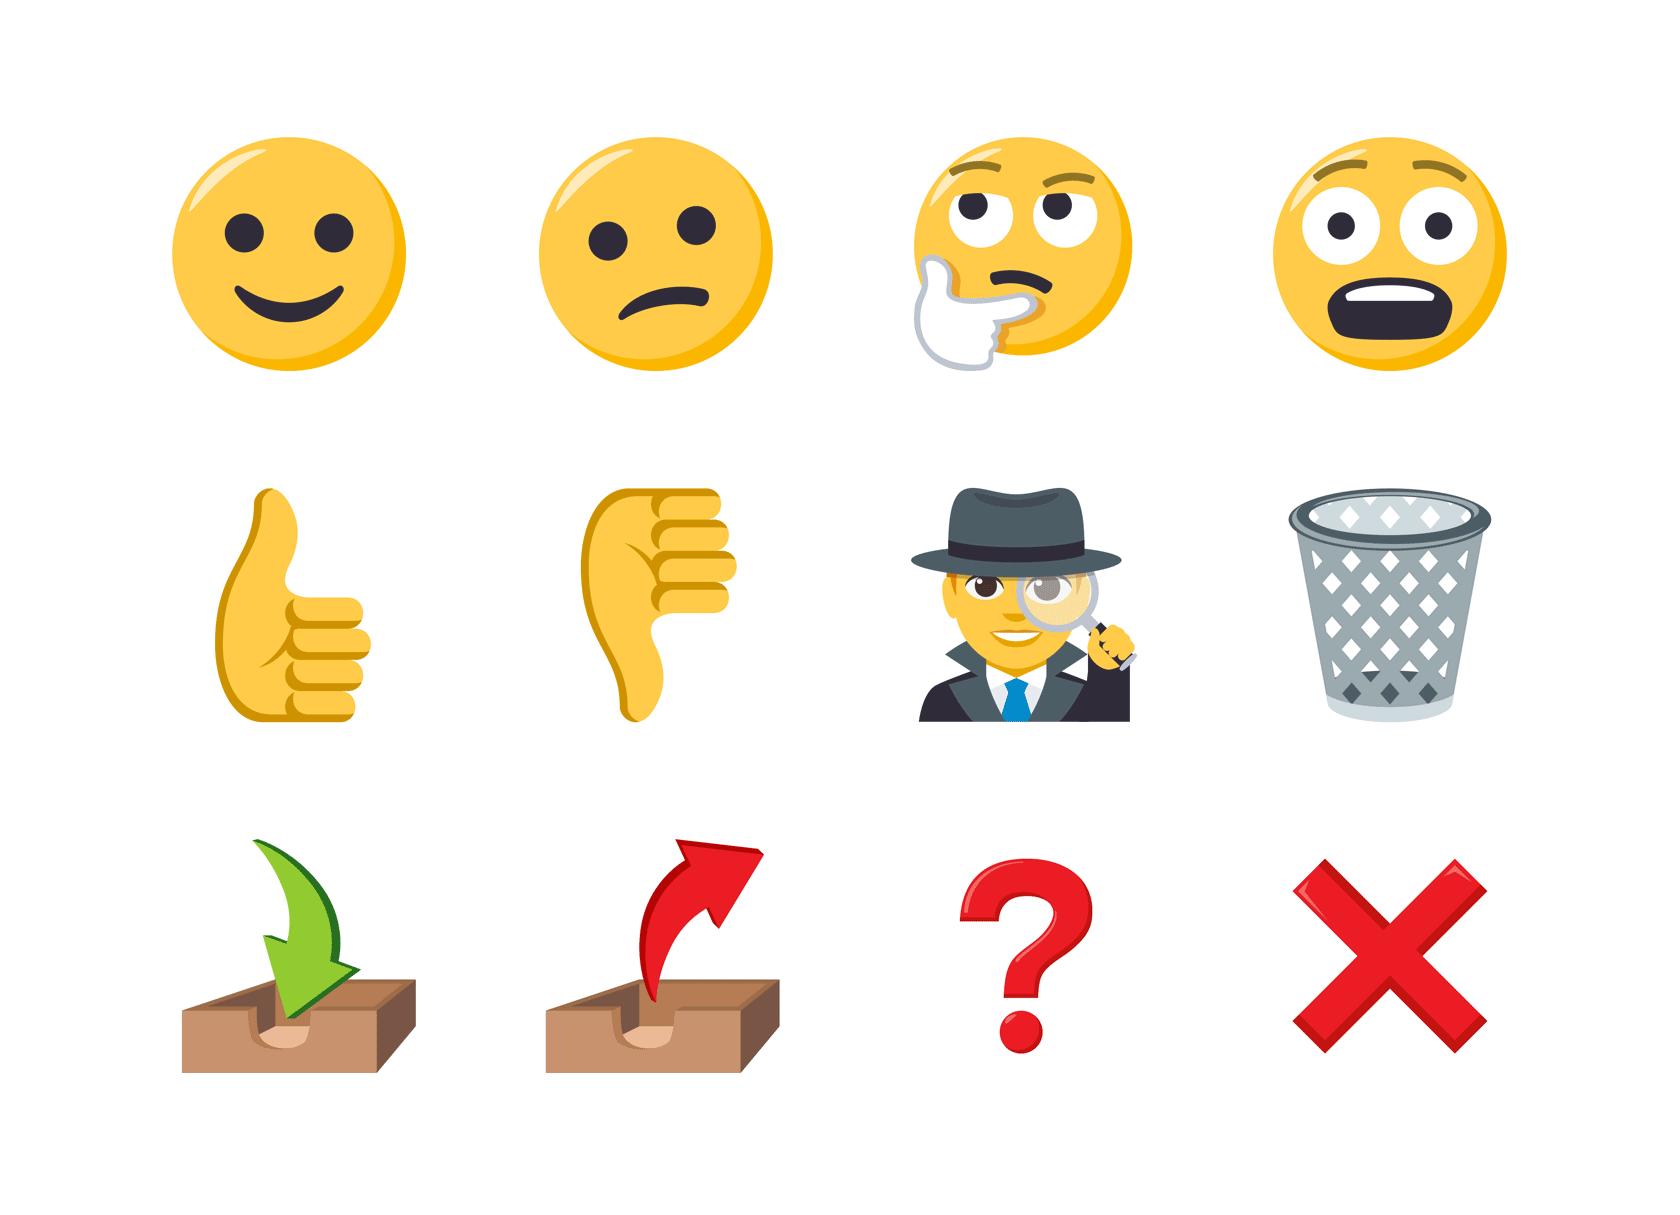 emojis by EmojiOne https://www.emojione.com/emoji/v3